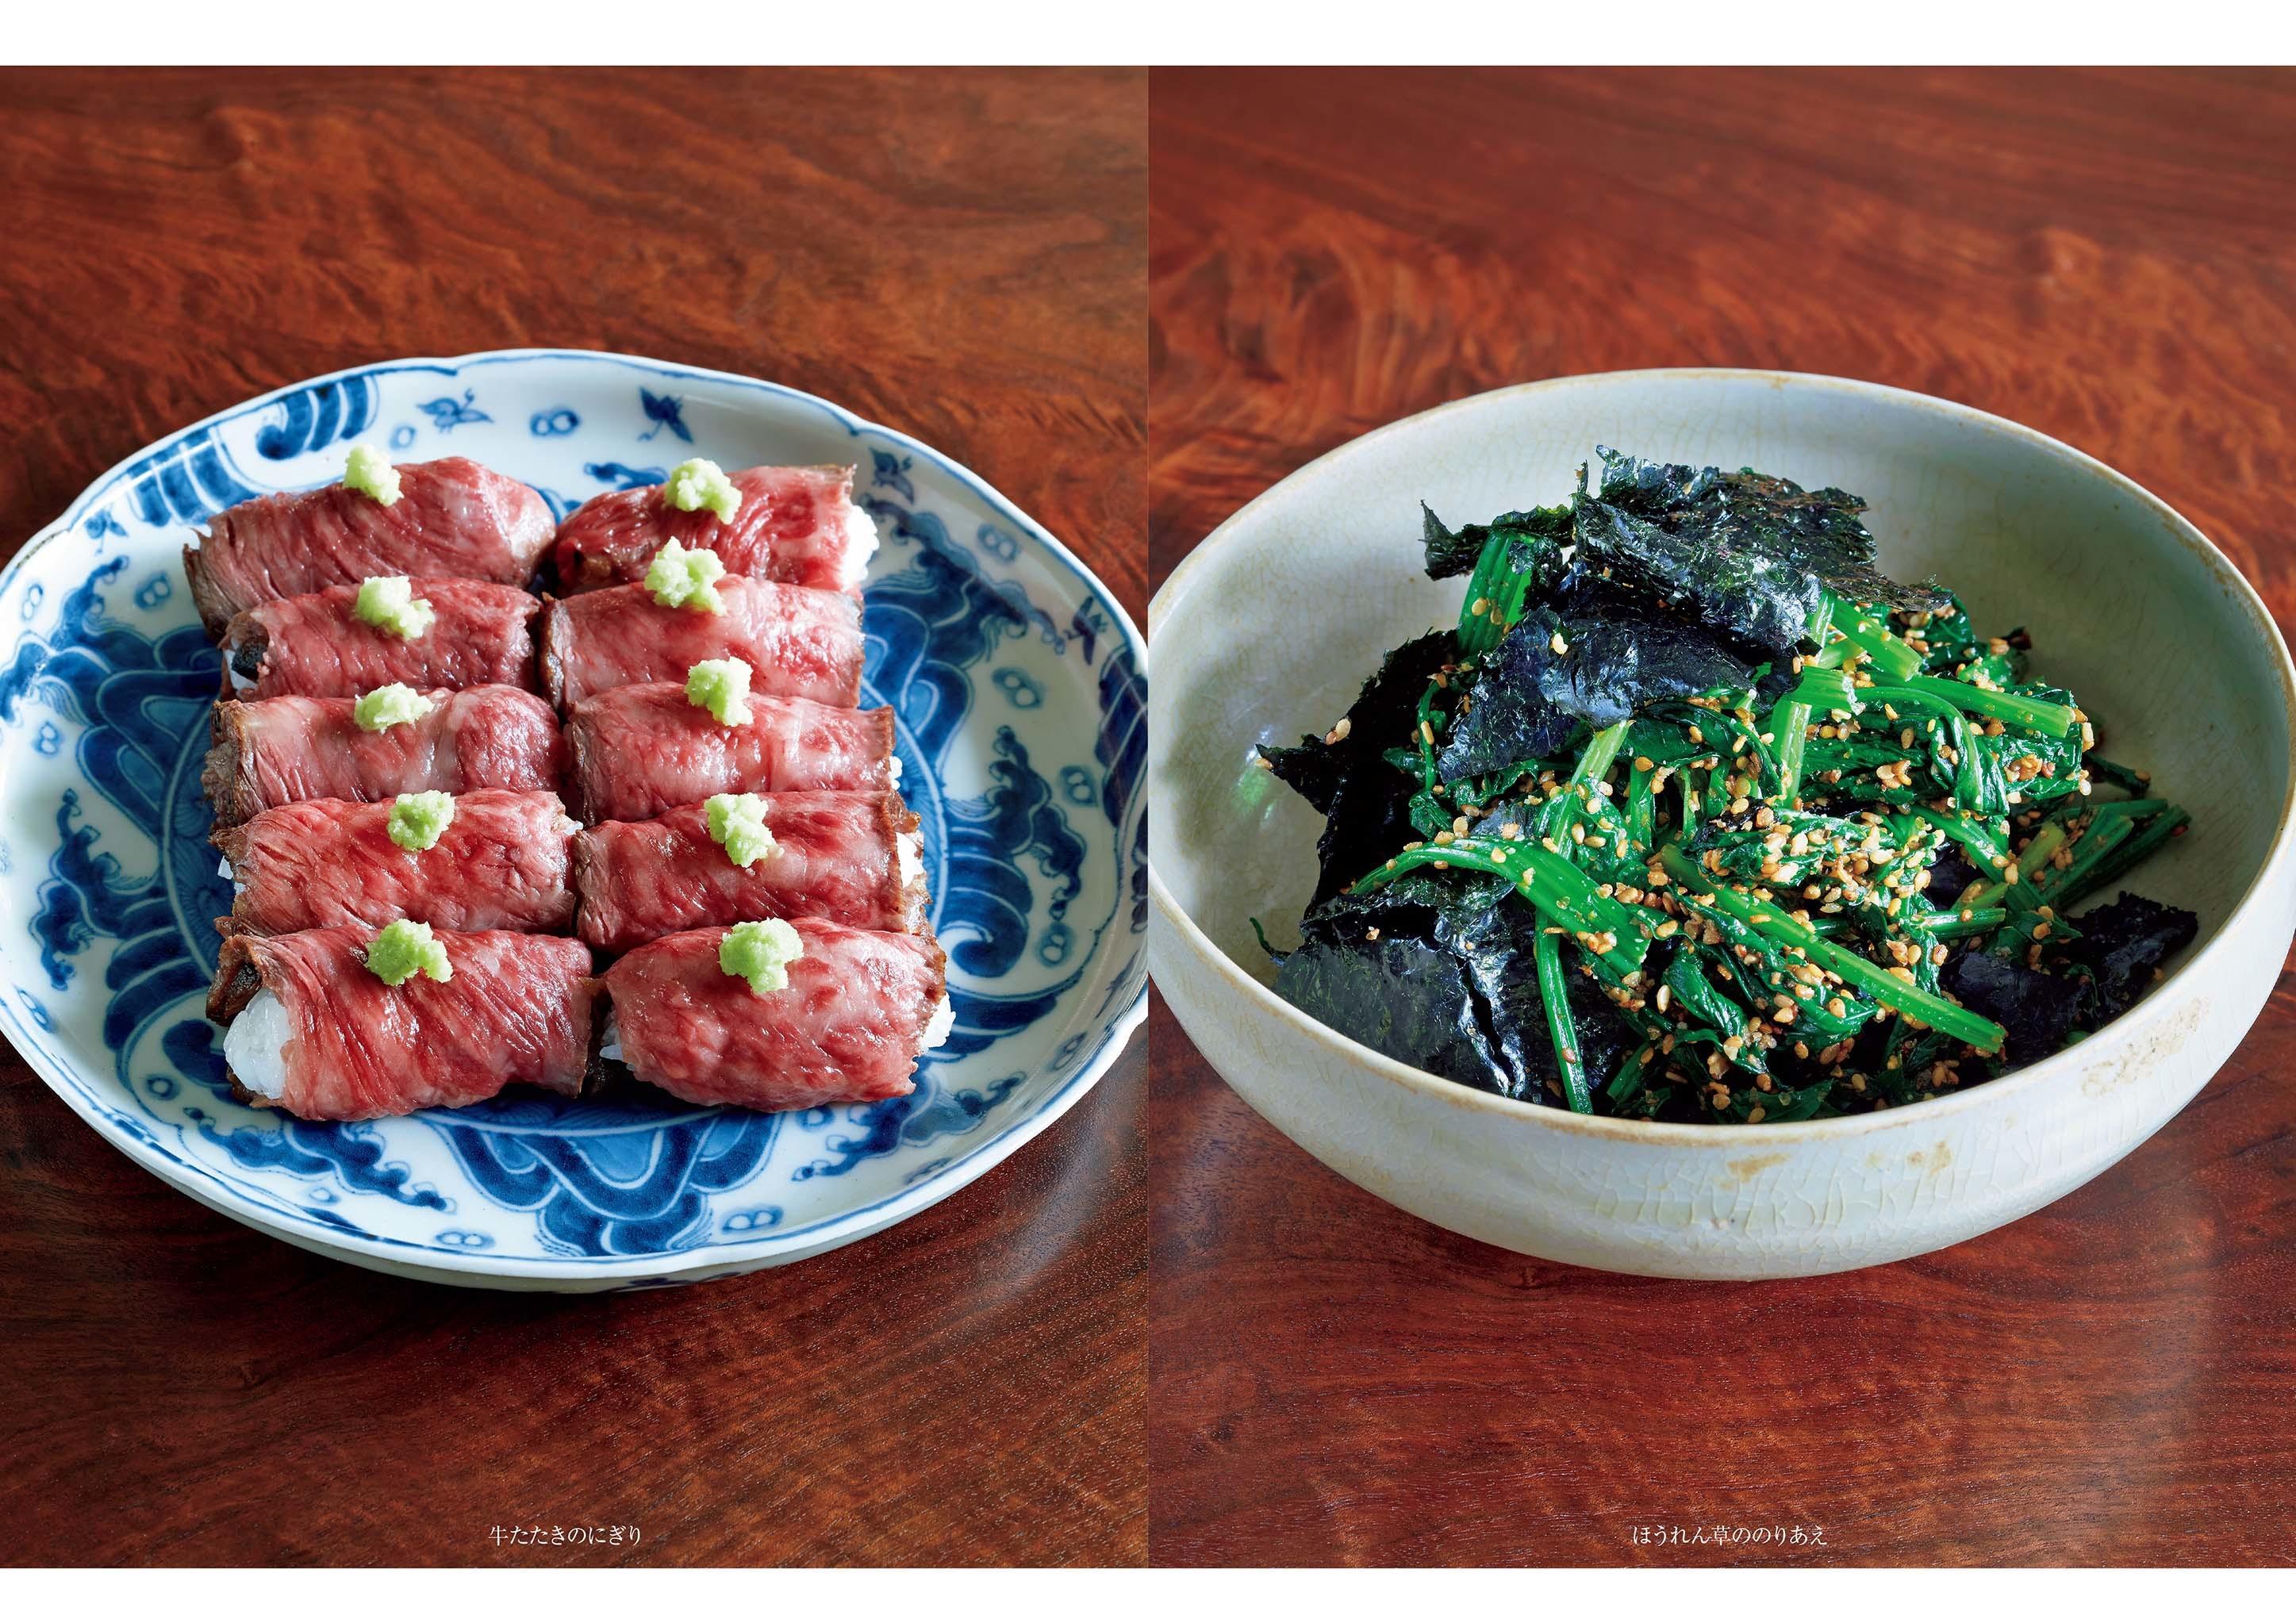 有元葉子さんの単行本「この2皿さえあれば。」が遂に発売!_1_2-2